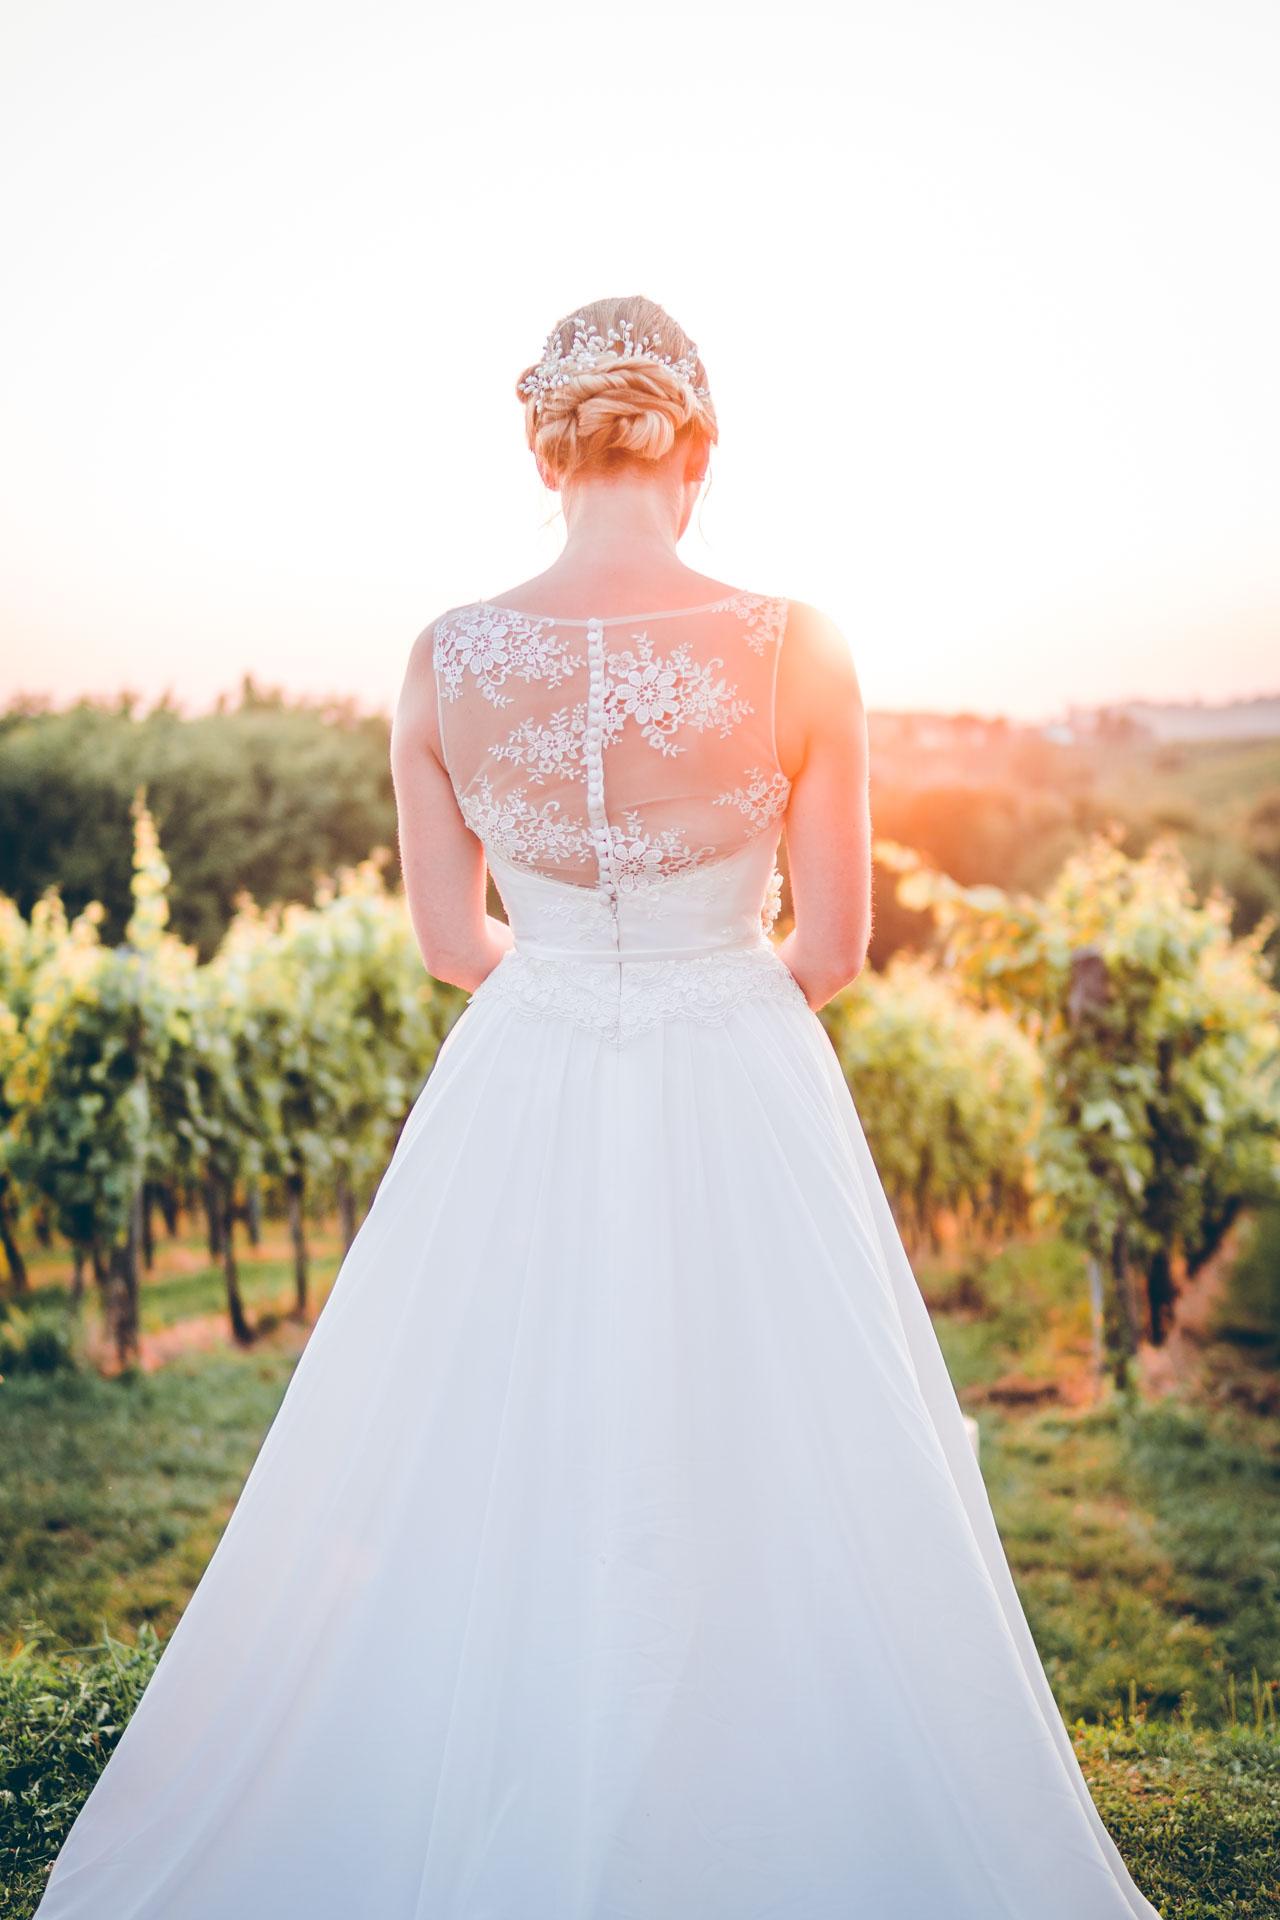 Hochzeitsbild einer Braut im Sonnenuntergang im Grünen